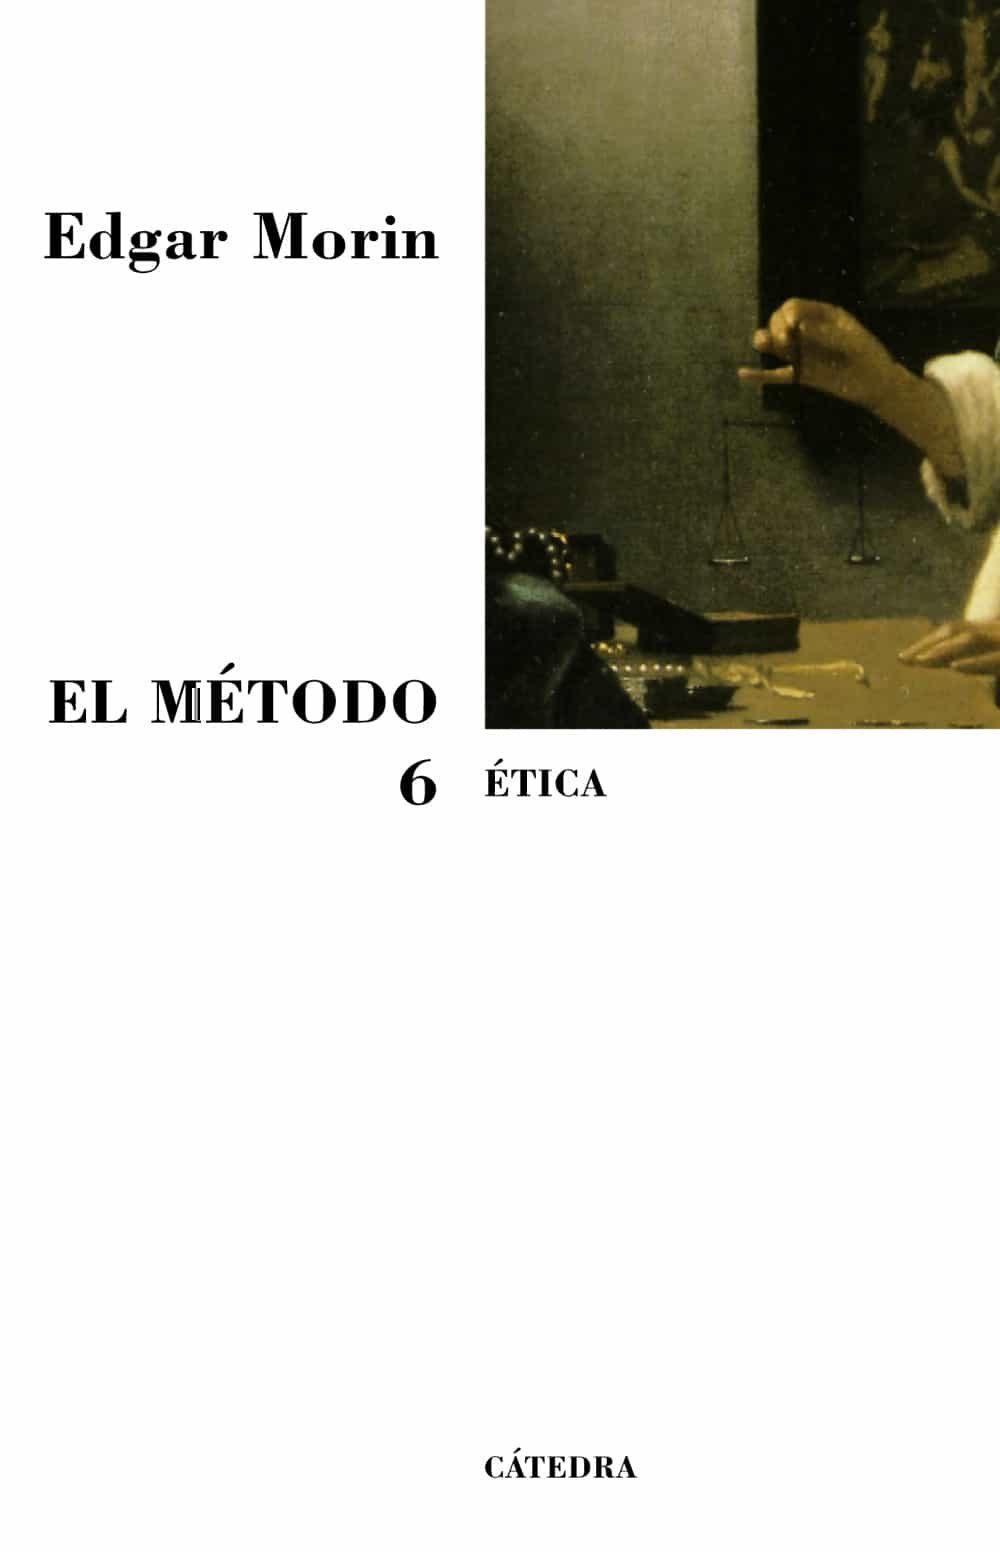 El Metodo, T.vi por Edgar Morin Gratis